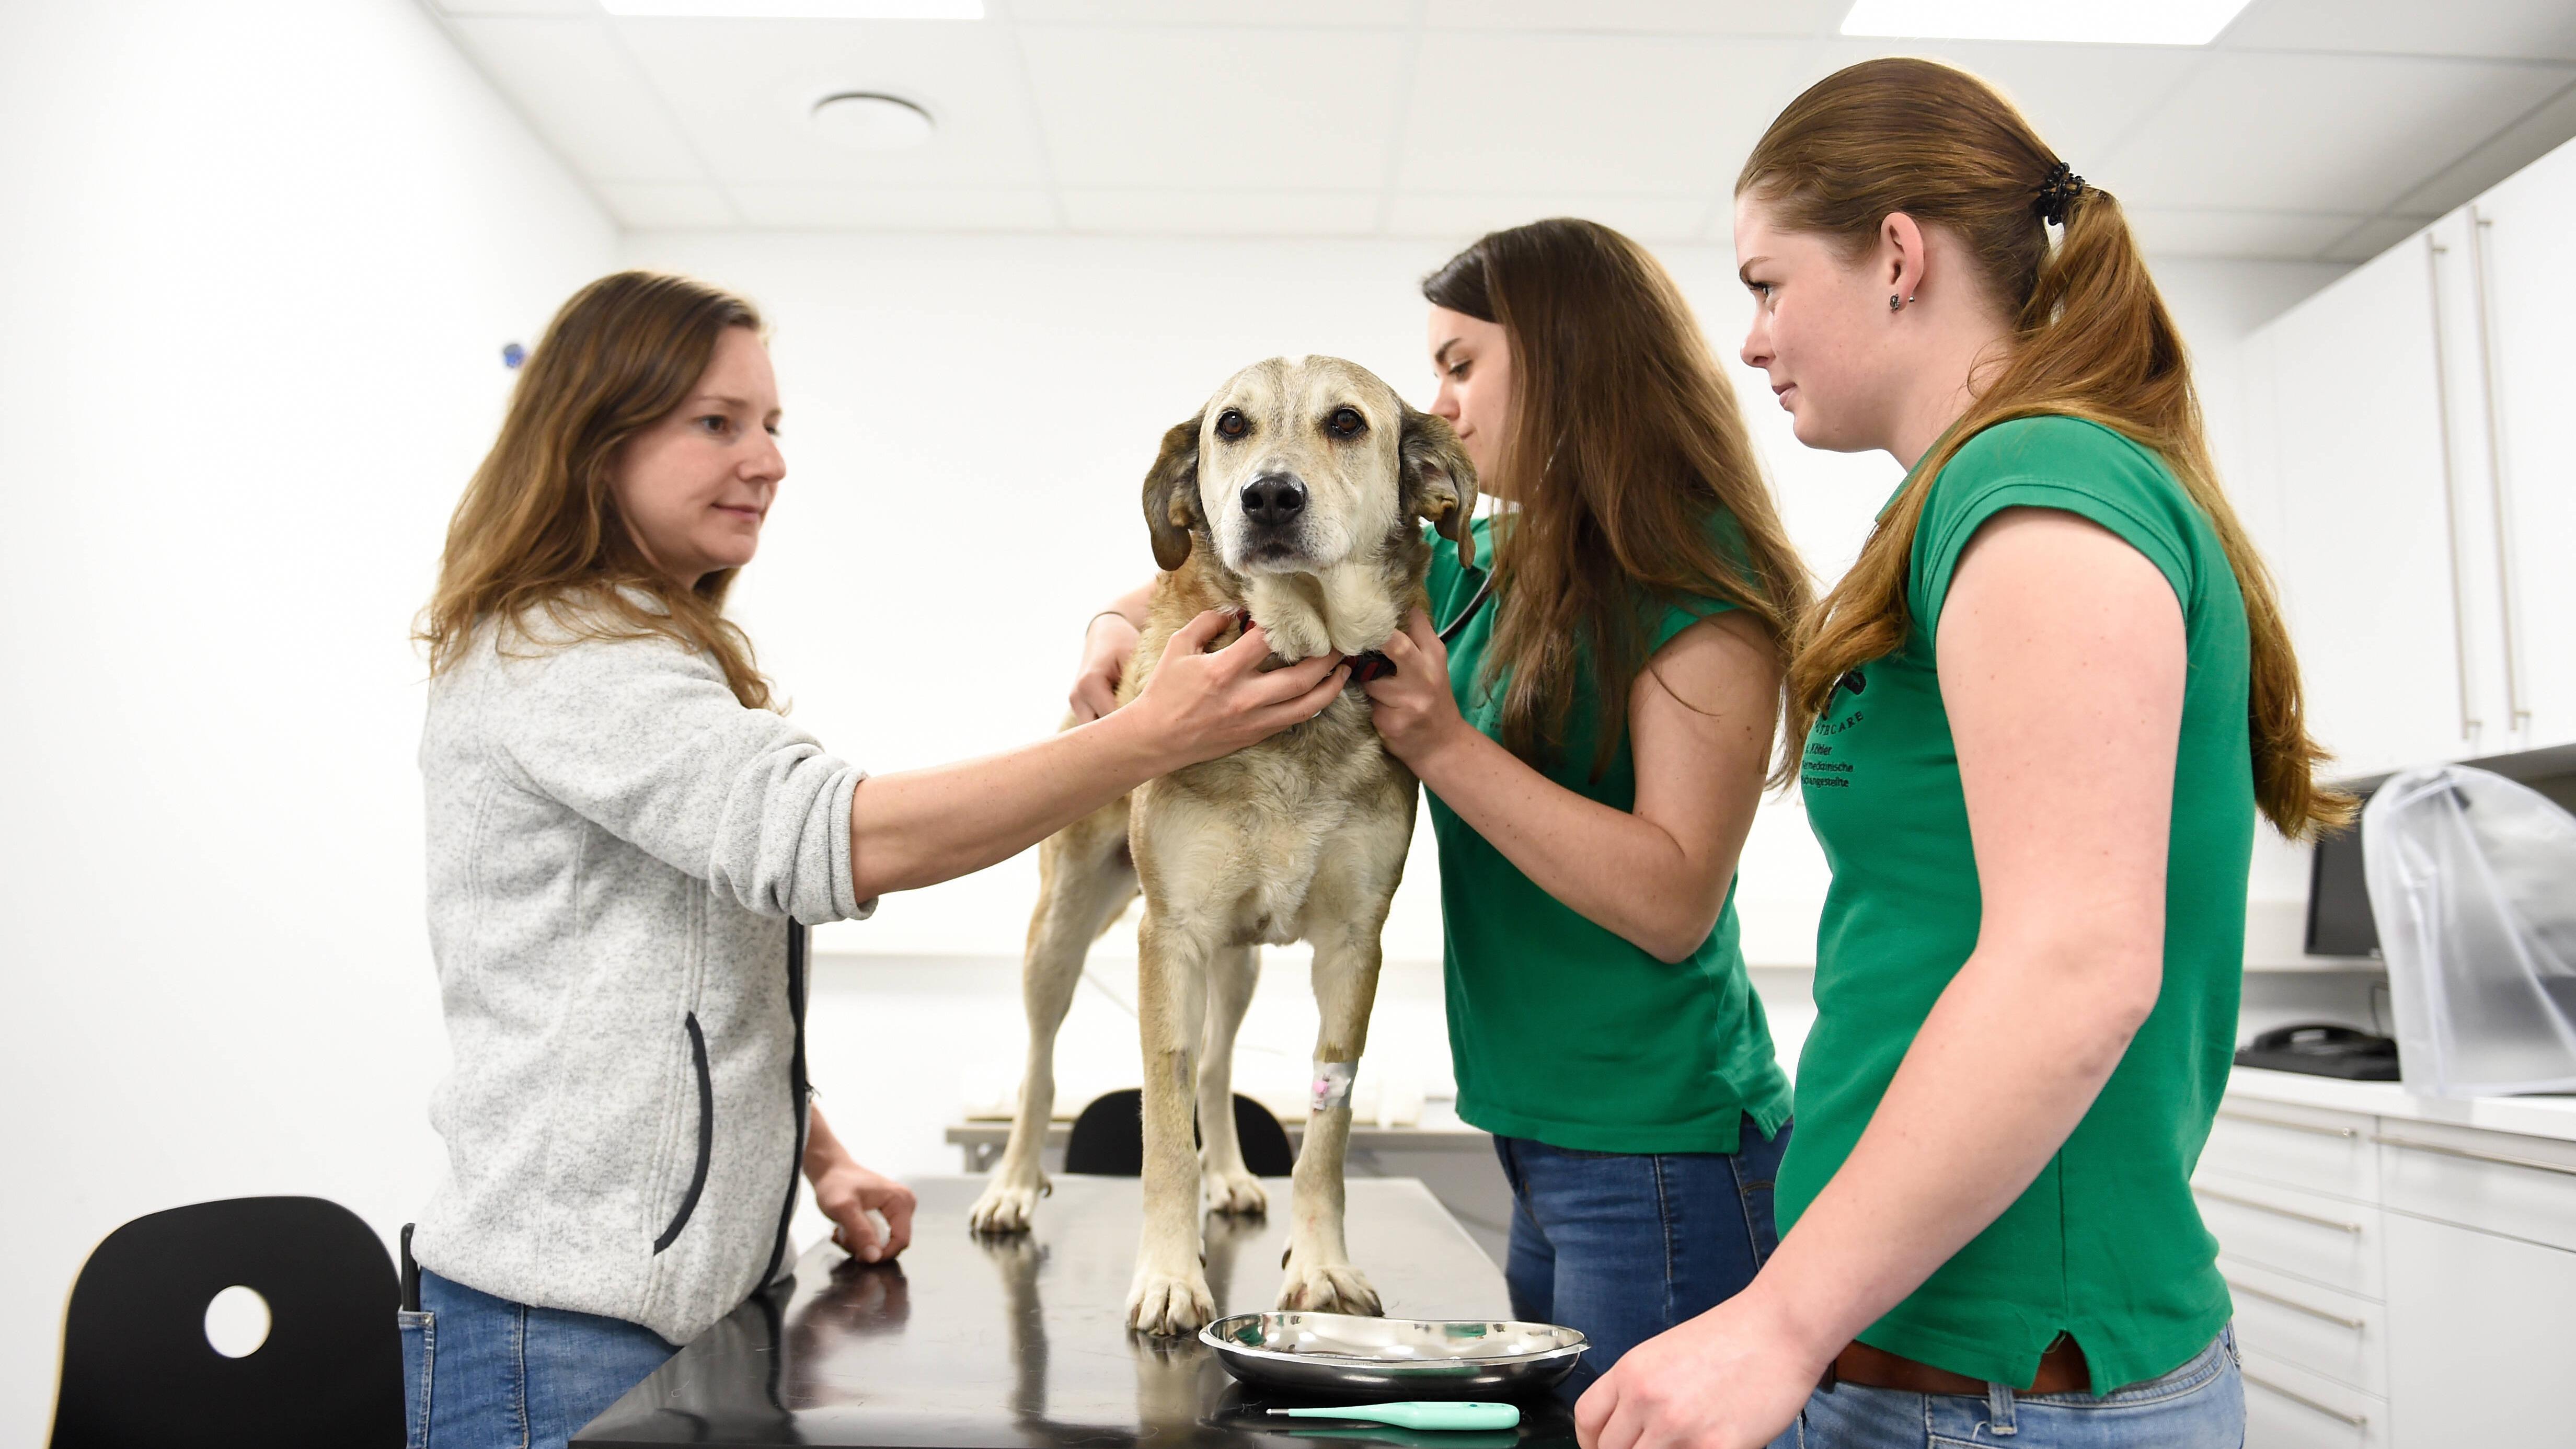 Arthrose beim Hund: Symptome erkennen und dem Tier helfen